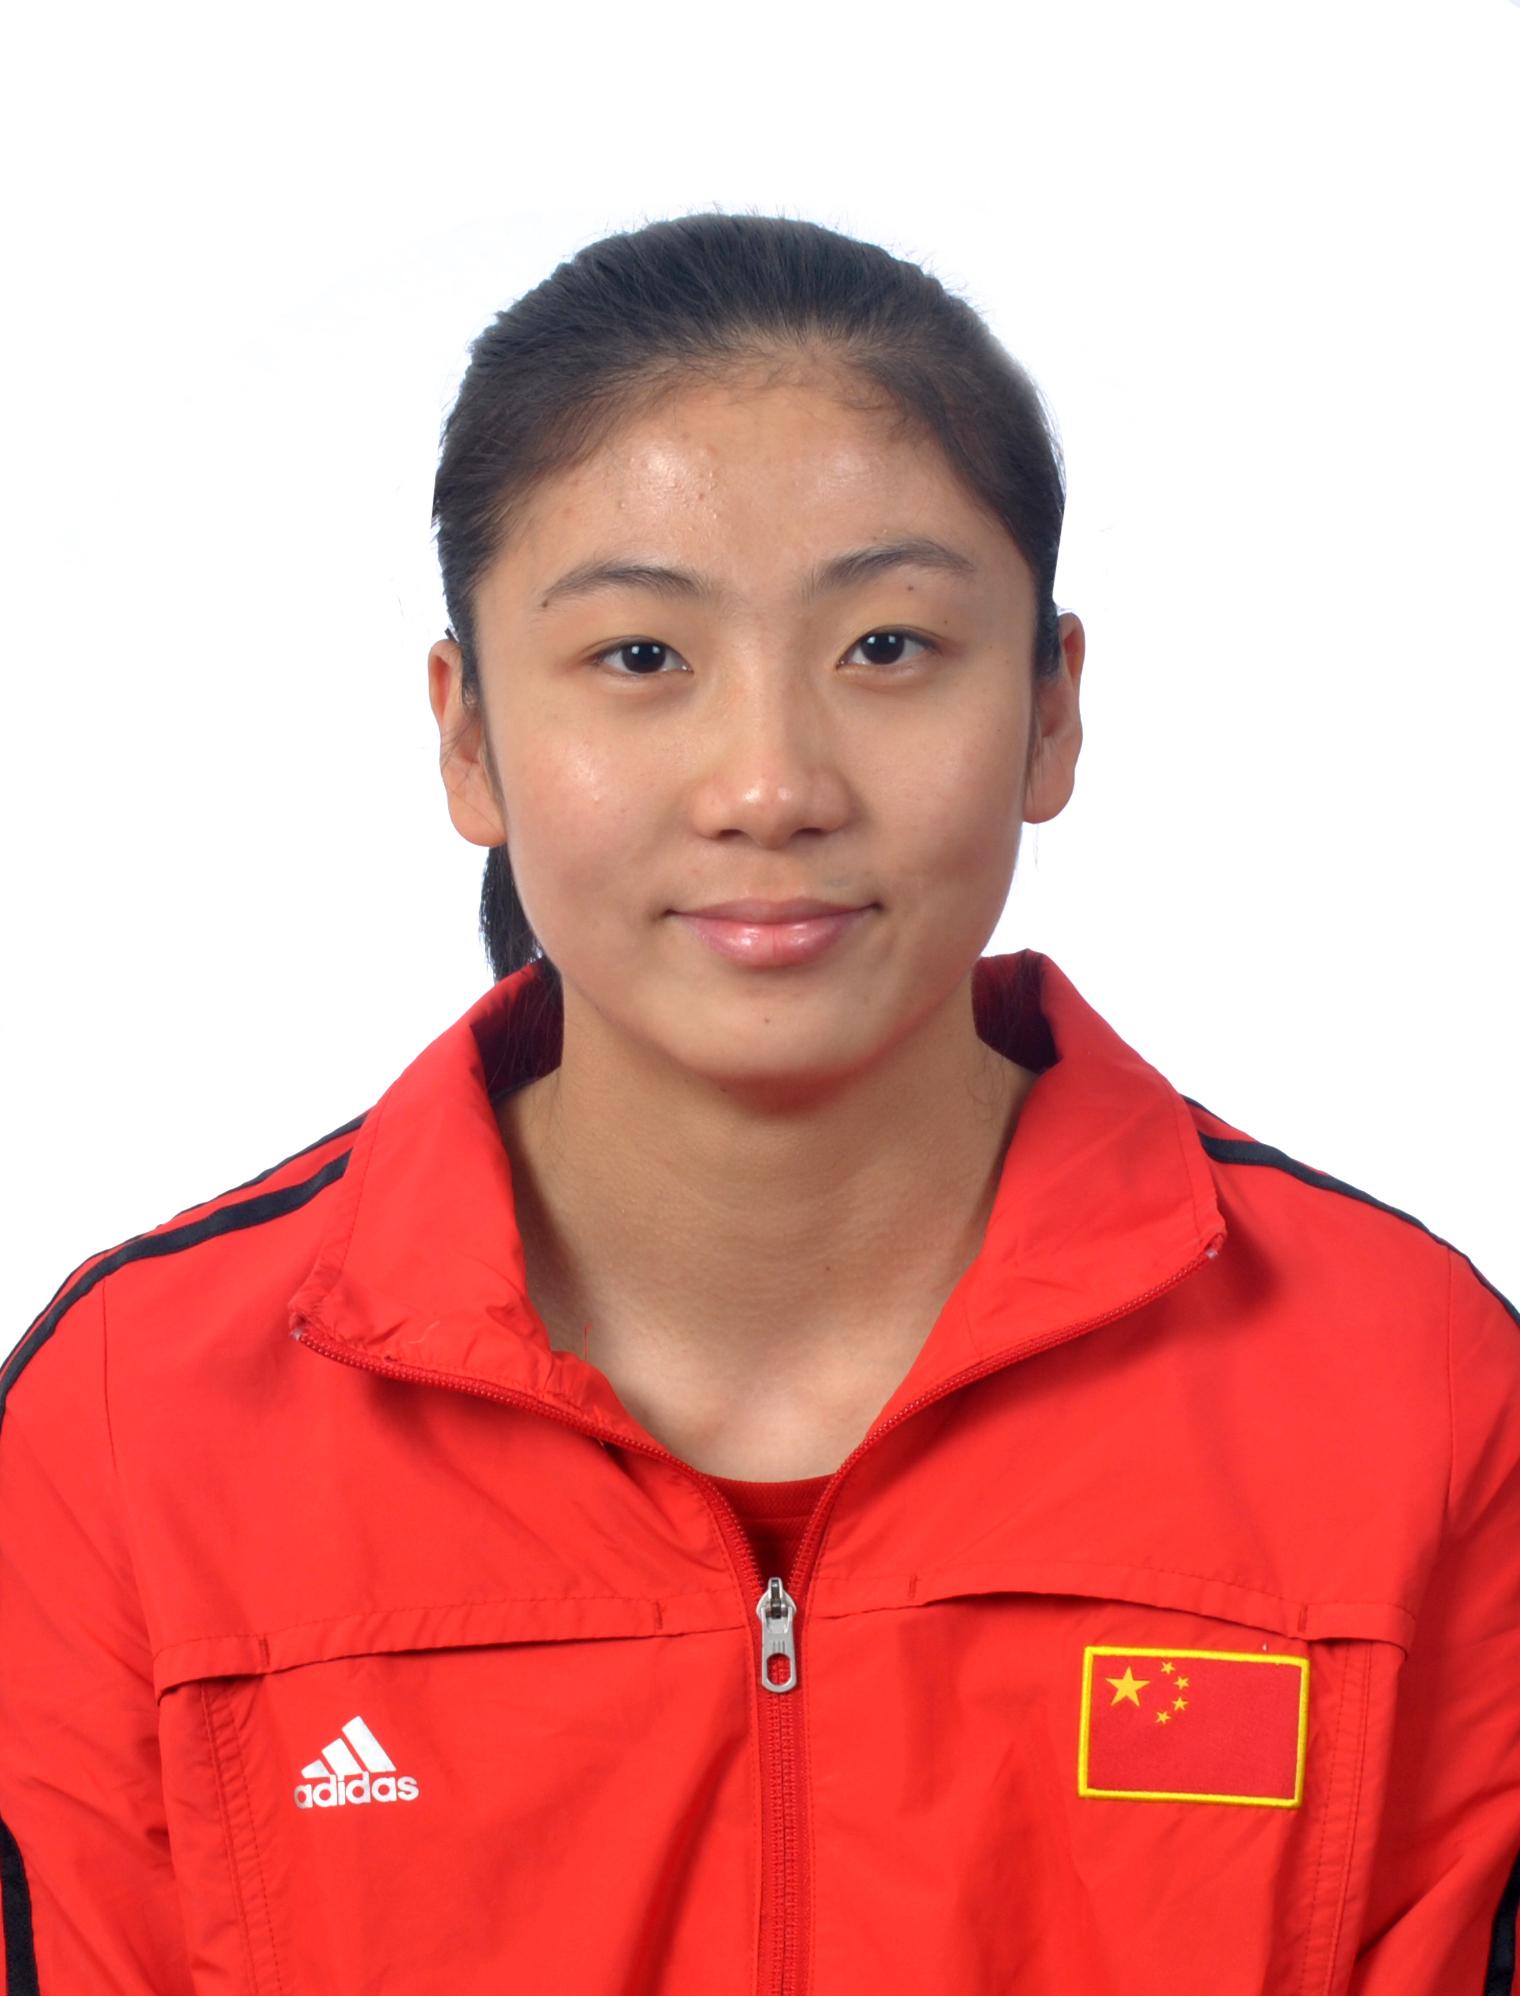 Yi Gao